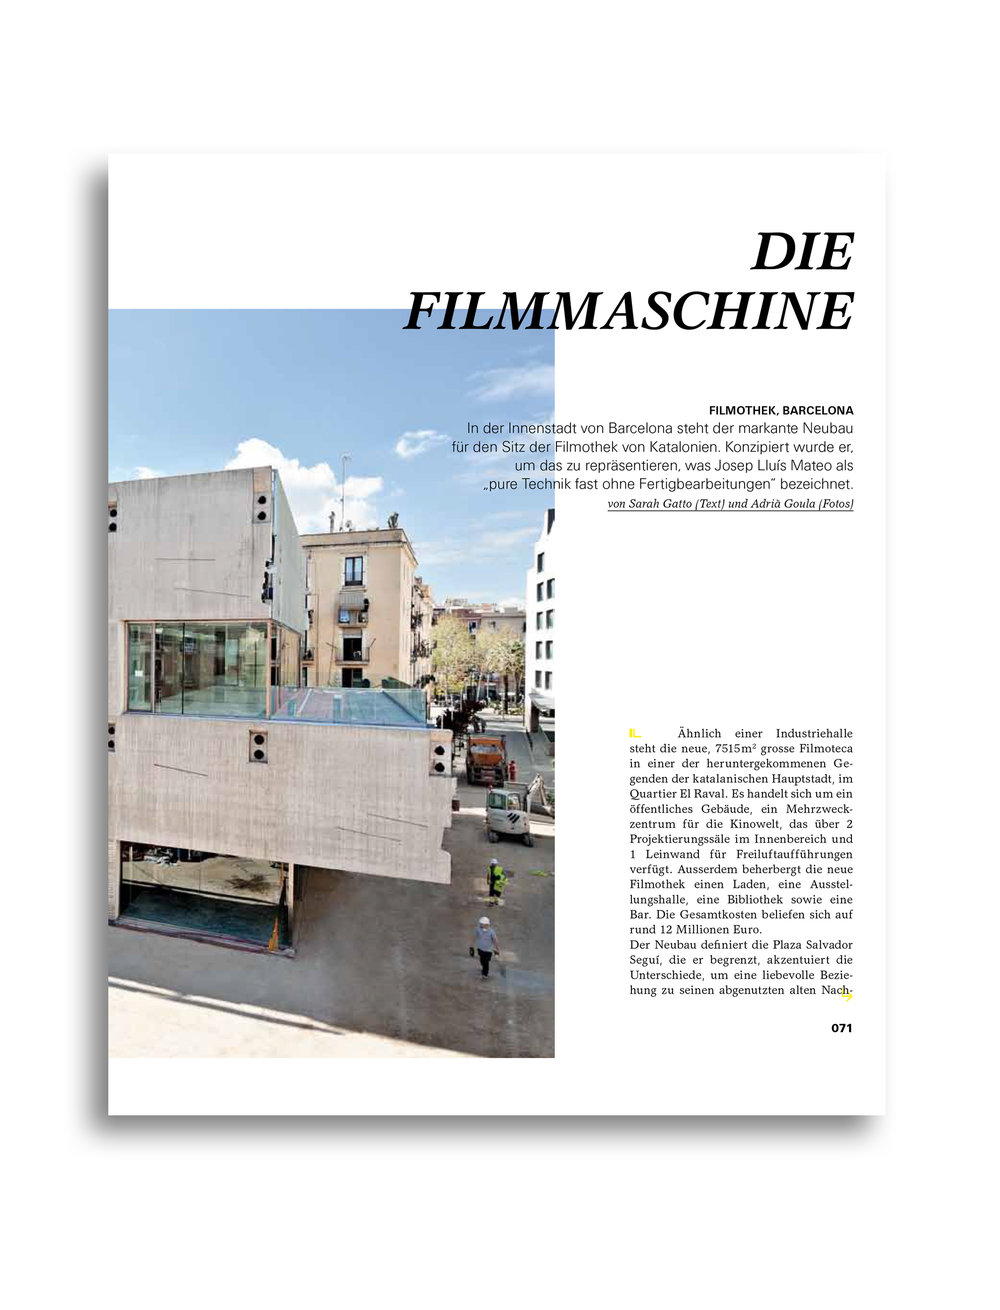 MODULOR 0611 I Die Filmmaschine